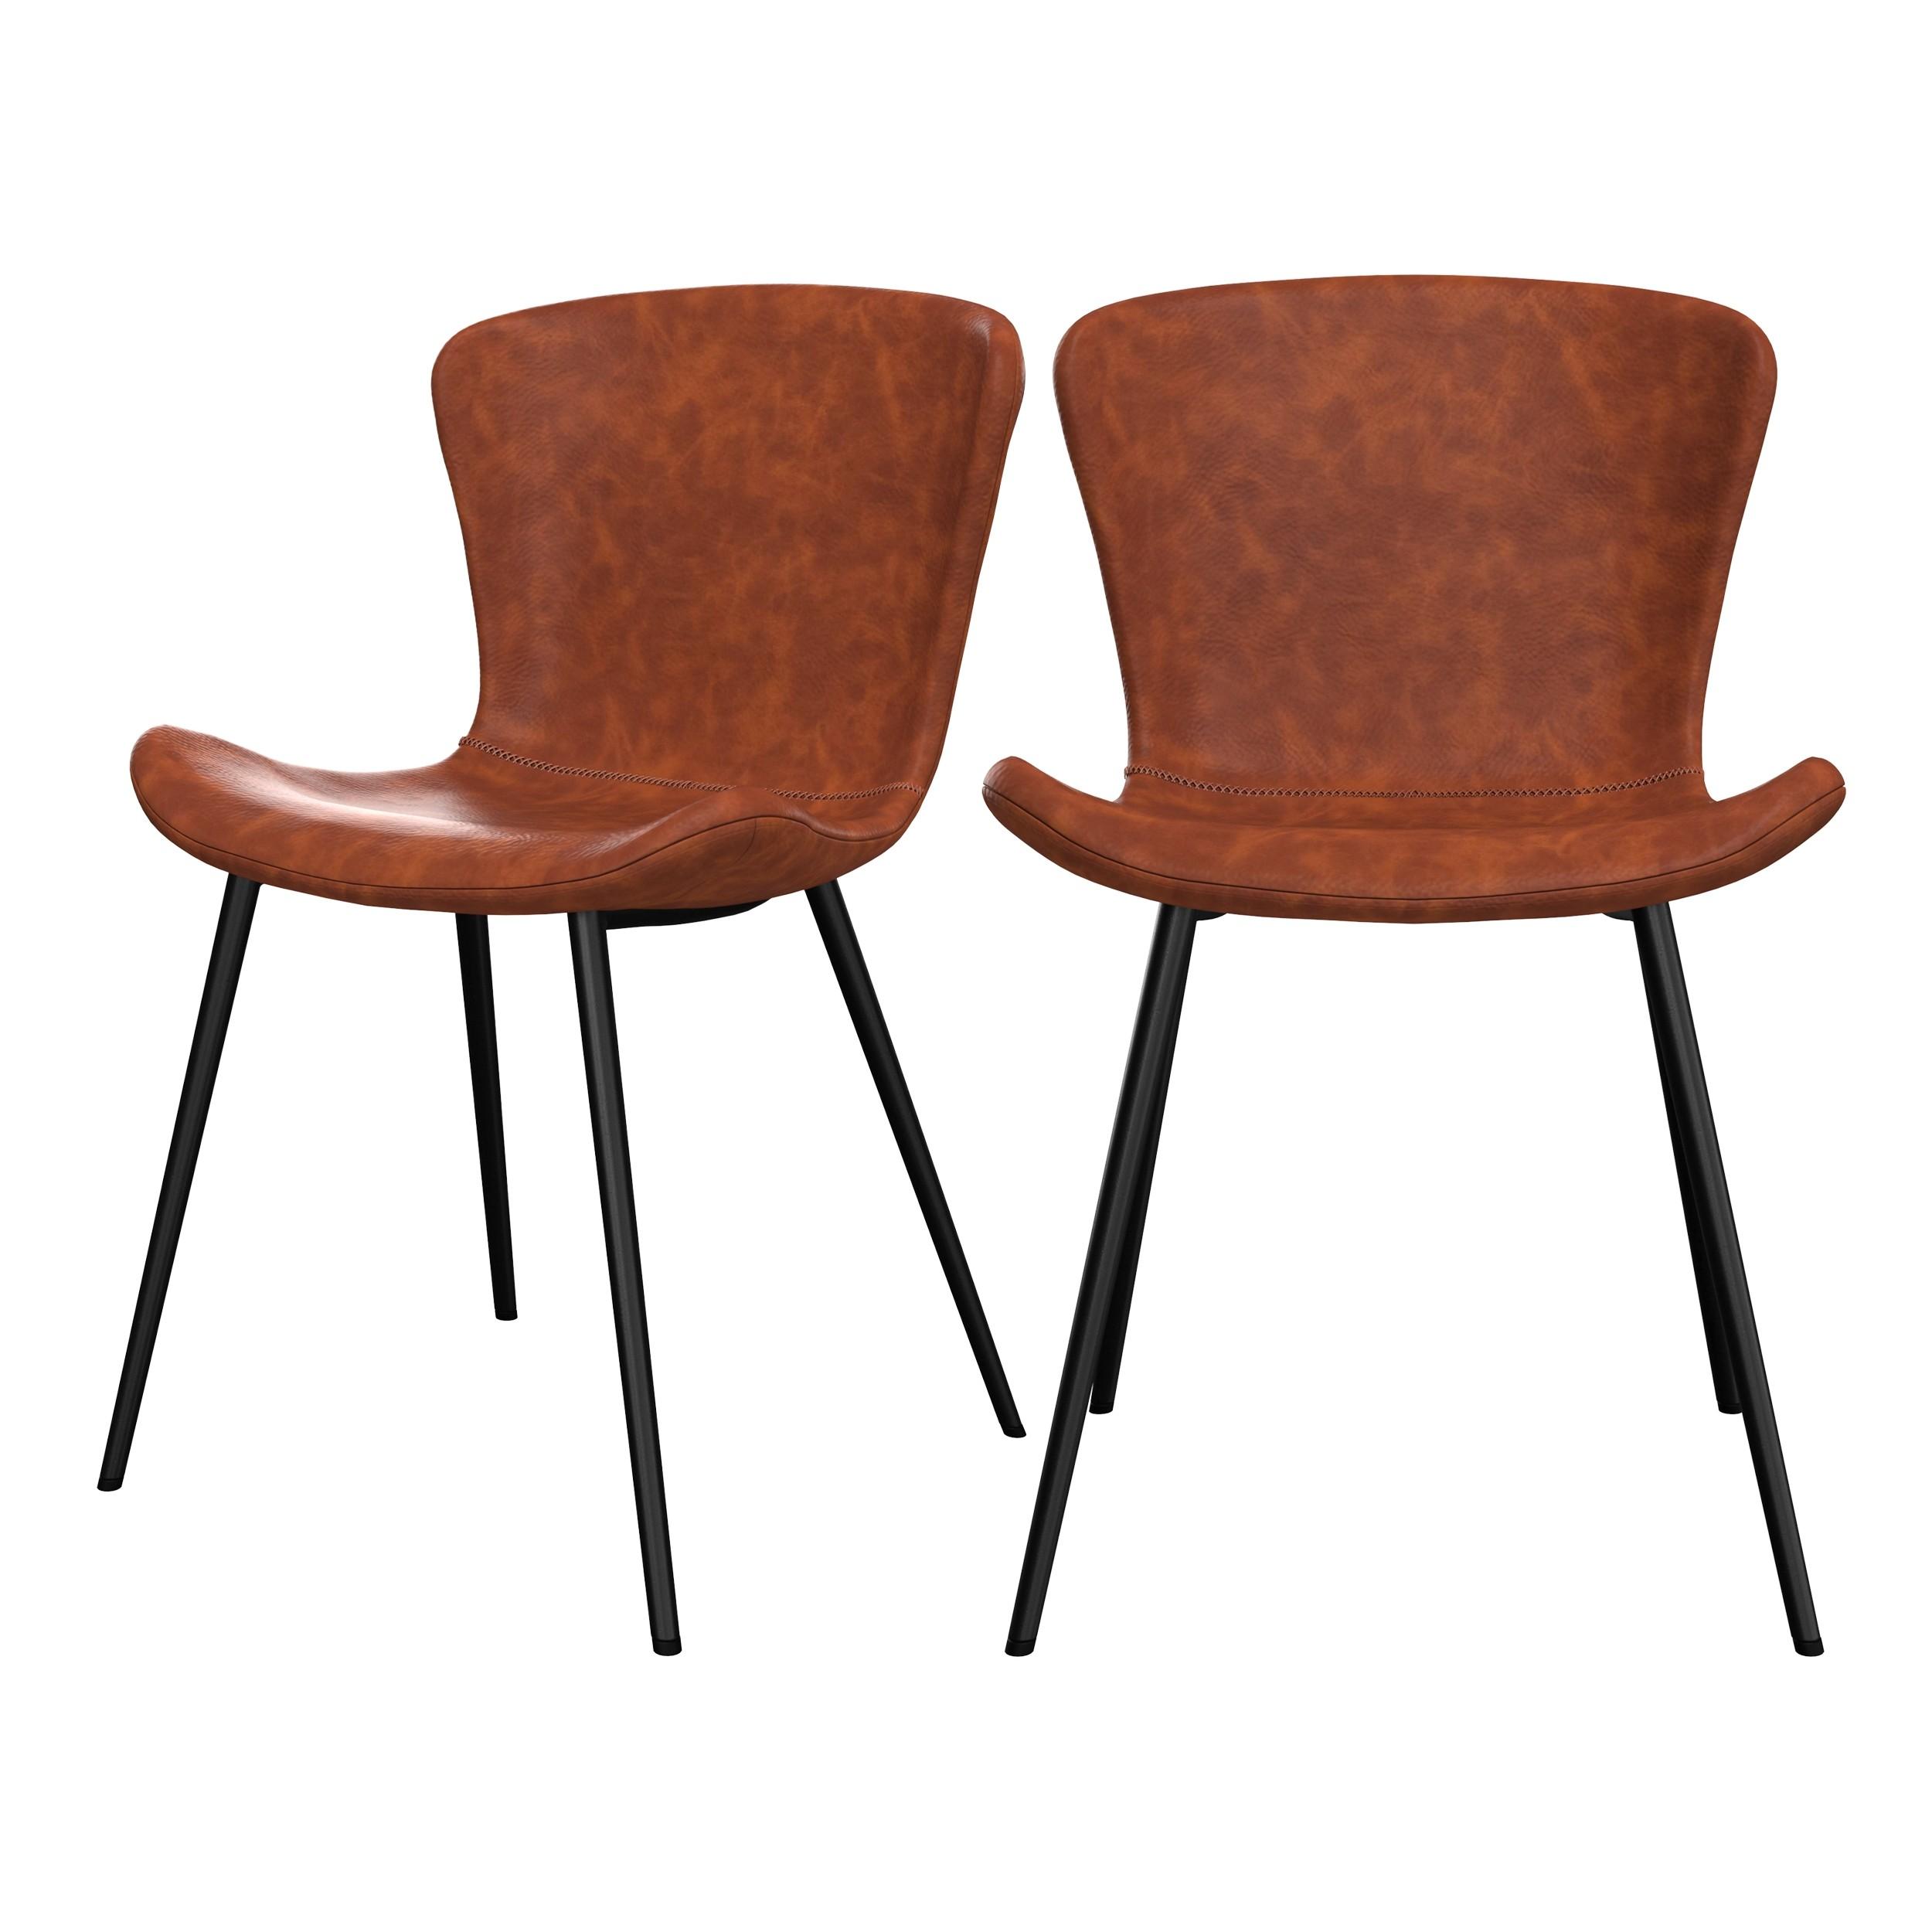 acheter chaise lot de 2 marron vintage